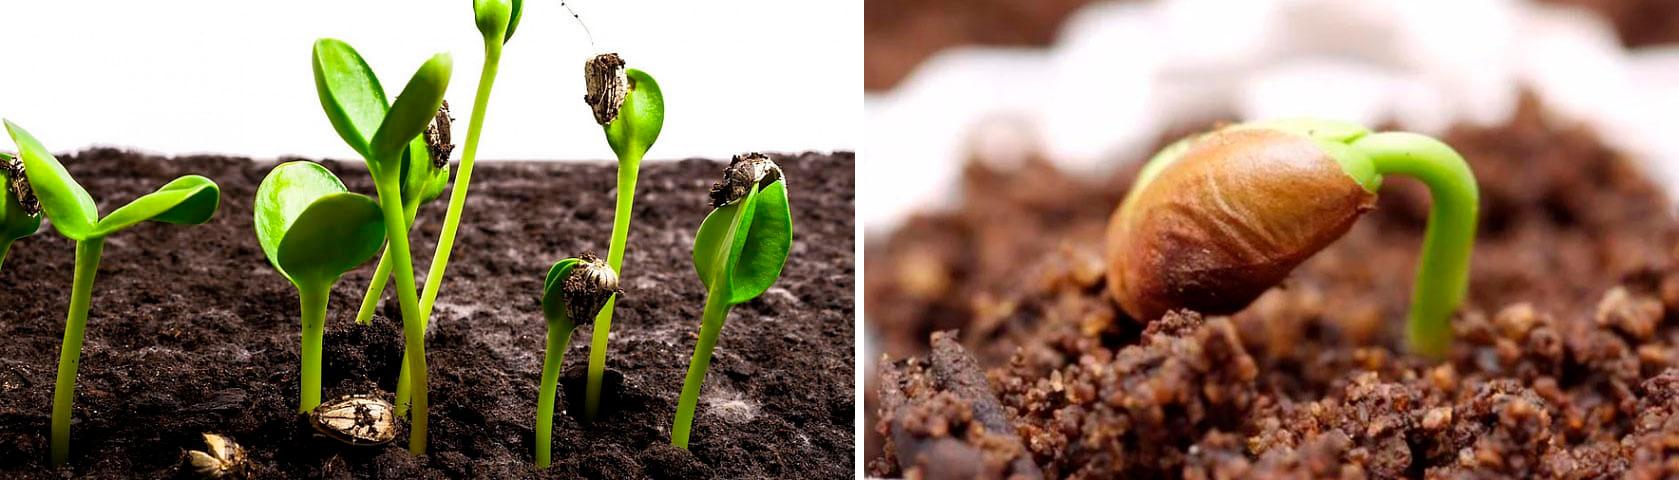 Проверка качества семян